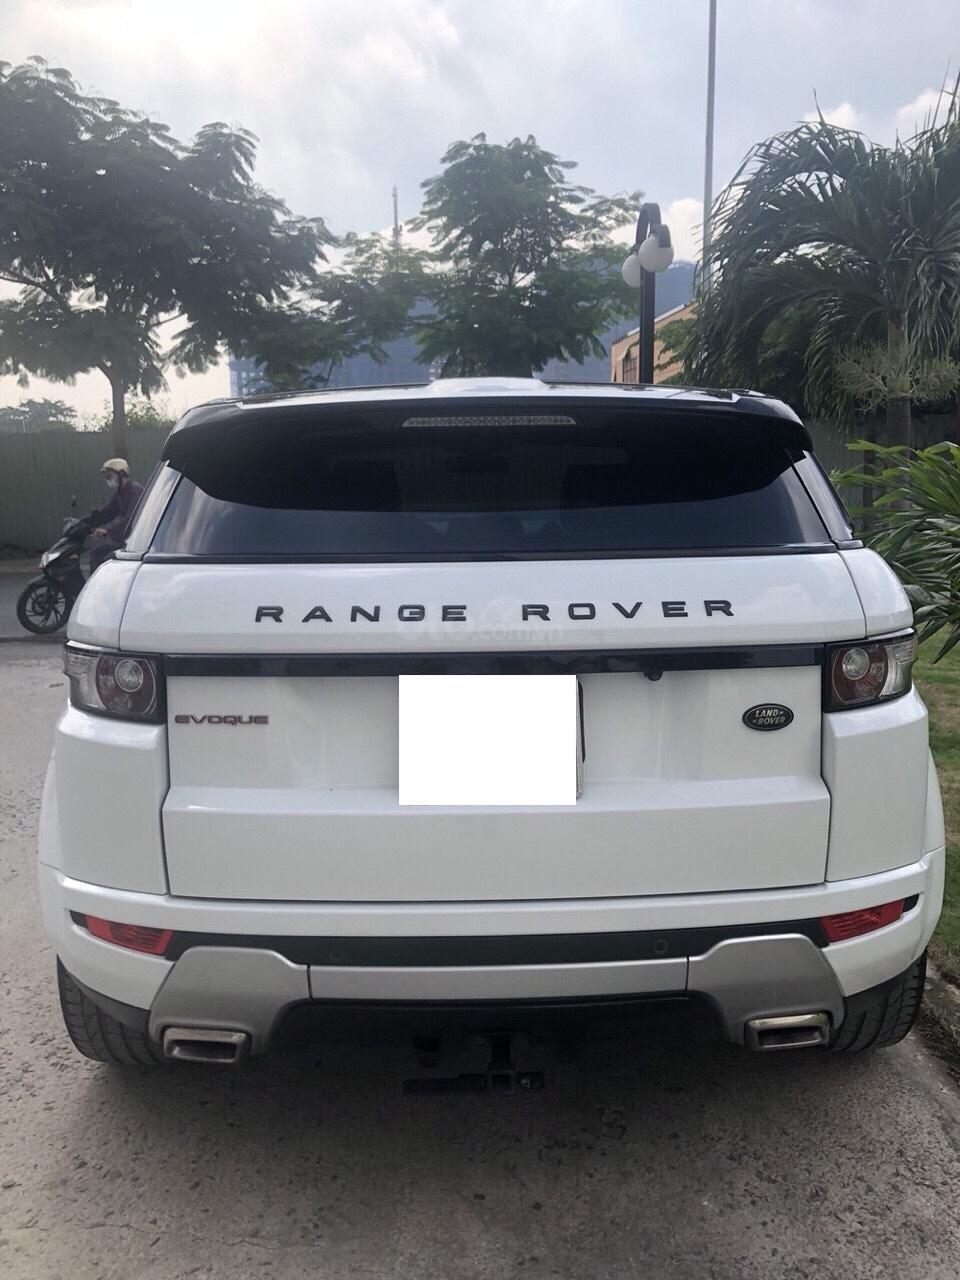 Bán Range Rover Evoque 2013, đăng ký 2015, nhập Châu Âu, xe đẹp không lỗi bao kiểm tra hãng-1